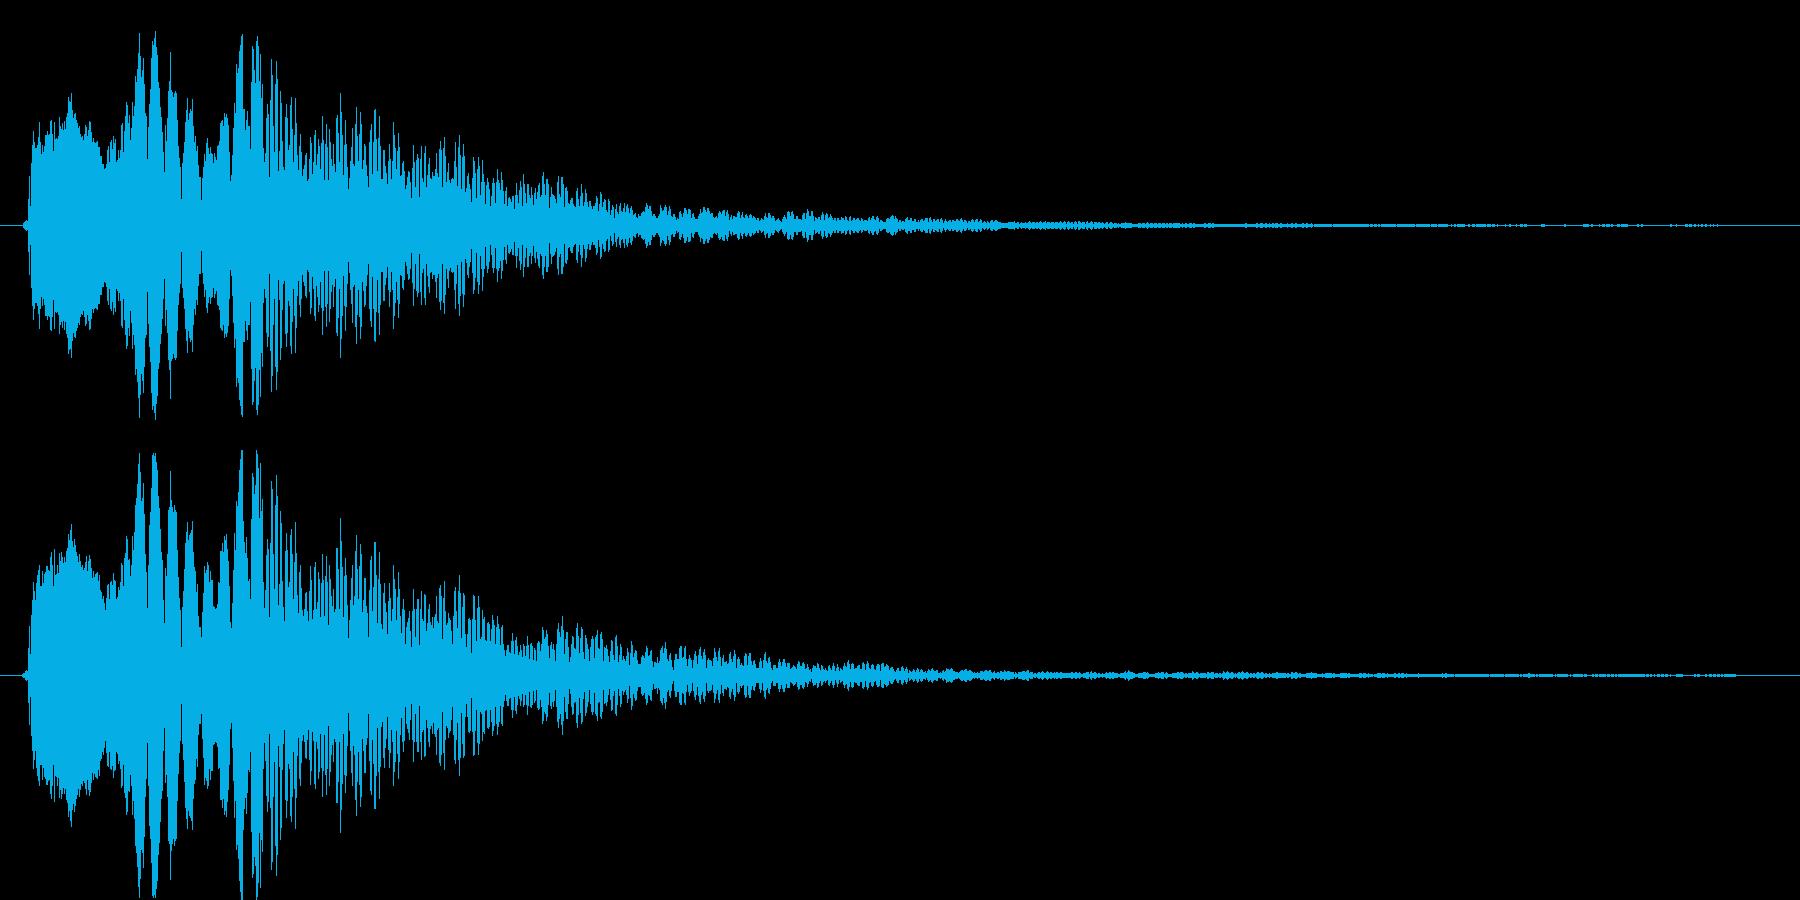 上から下に流れるビープ音の再生済みの波形